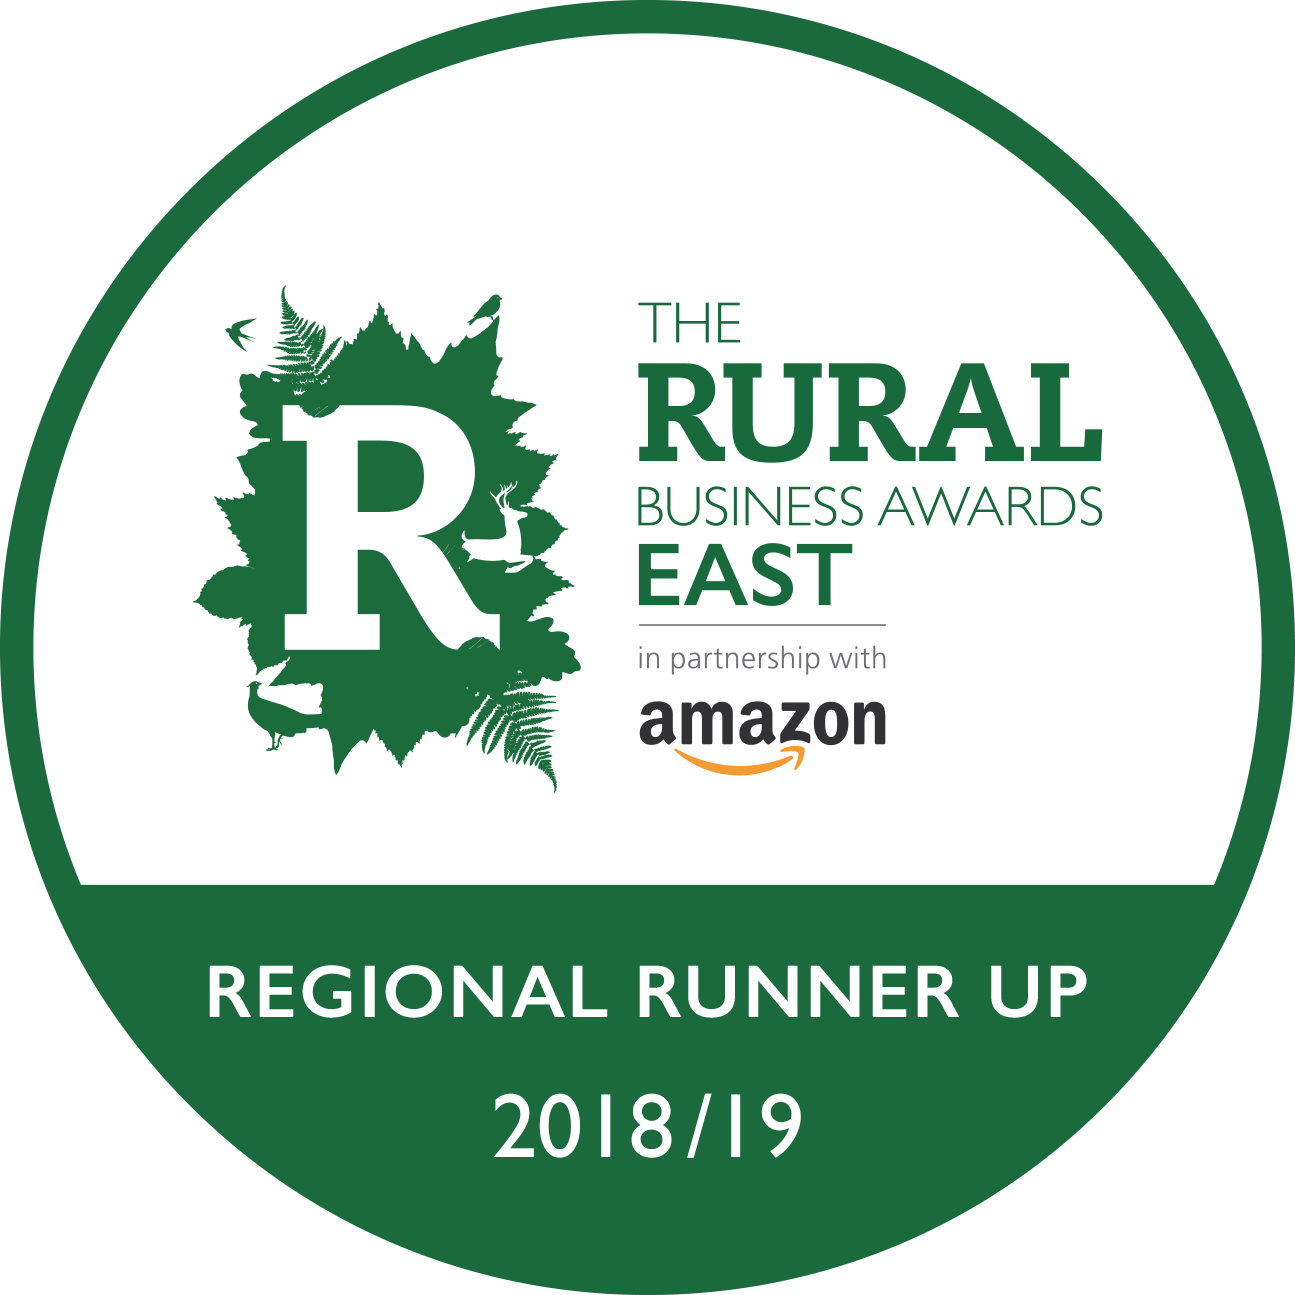 Regional Runner Up East 2018_19_green CMYK